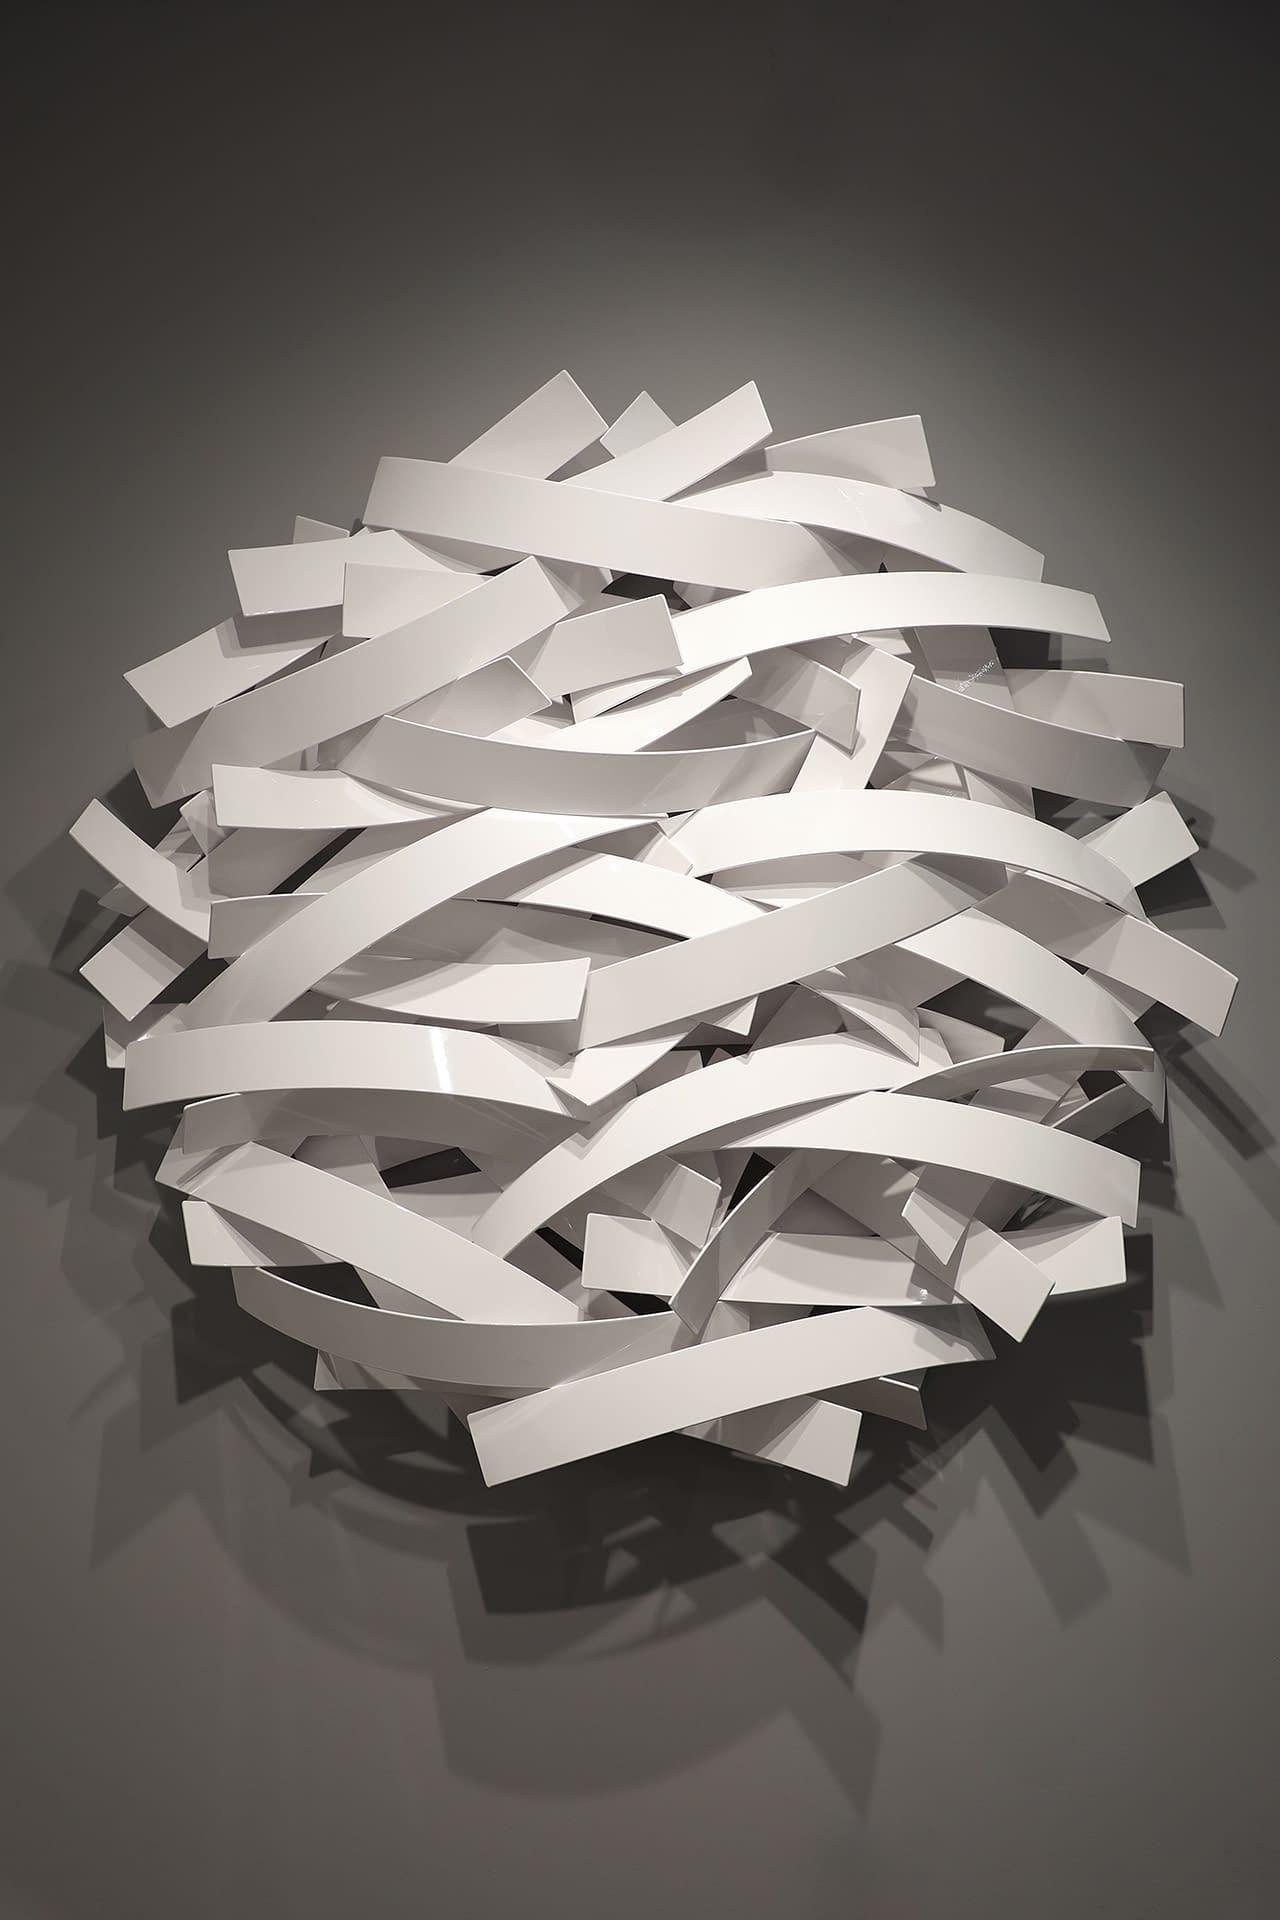 matt devine, swift, aluminum with powdercoat, abstract sculpture, wall sculpture, outdoor art